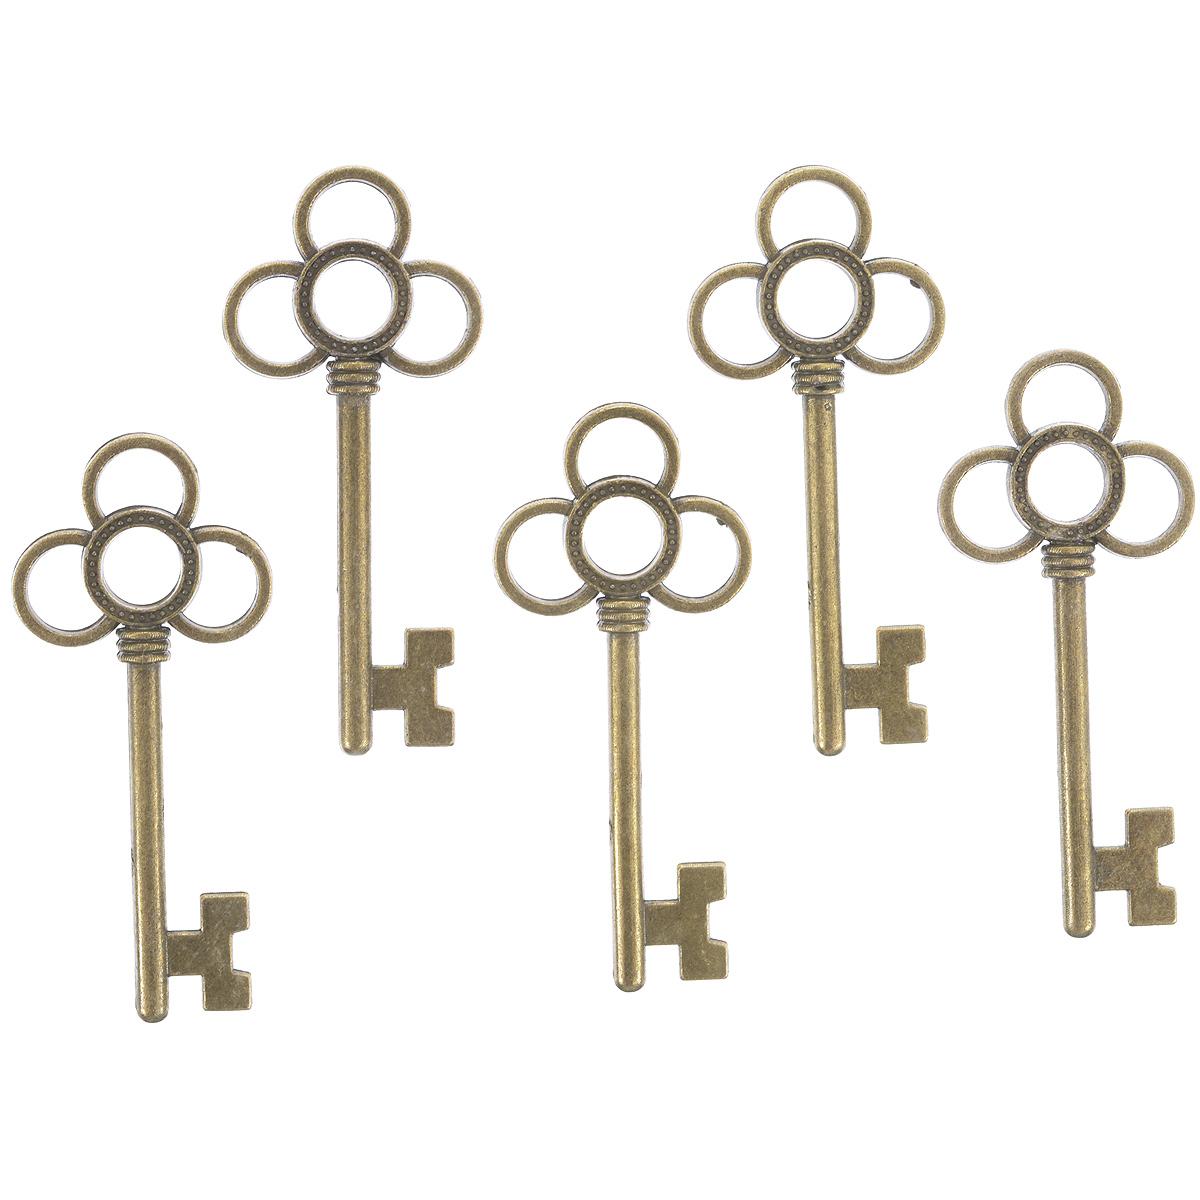 Набор подвесок ScrapBerrys Ключ с тремя лепестками, цвет: бронзовый, 53 мм х 23,5 мм, 5 штSCB25013681Набор ScrapBerrys Ключ с тремя лепестками состоит из 5 декоративных подвесок, выполненных из металла. Изделия предназначены для создания бижутерии, их также можно использовать для украшения альбомов, открыток, рамок, скрап-страничек. Подвески ScrapBerrys помогут воплотить вашу творческую задумку и создать оригинальную неповторимую бижутерию.